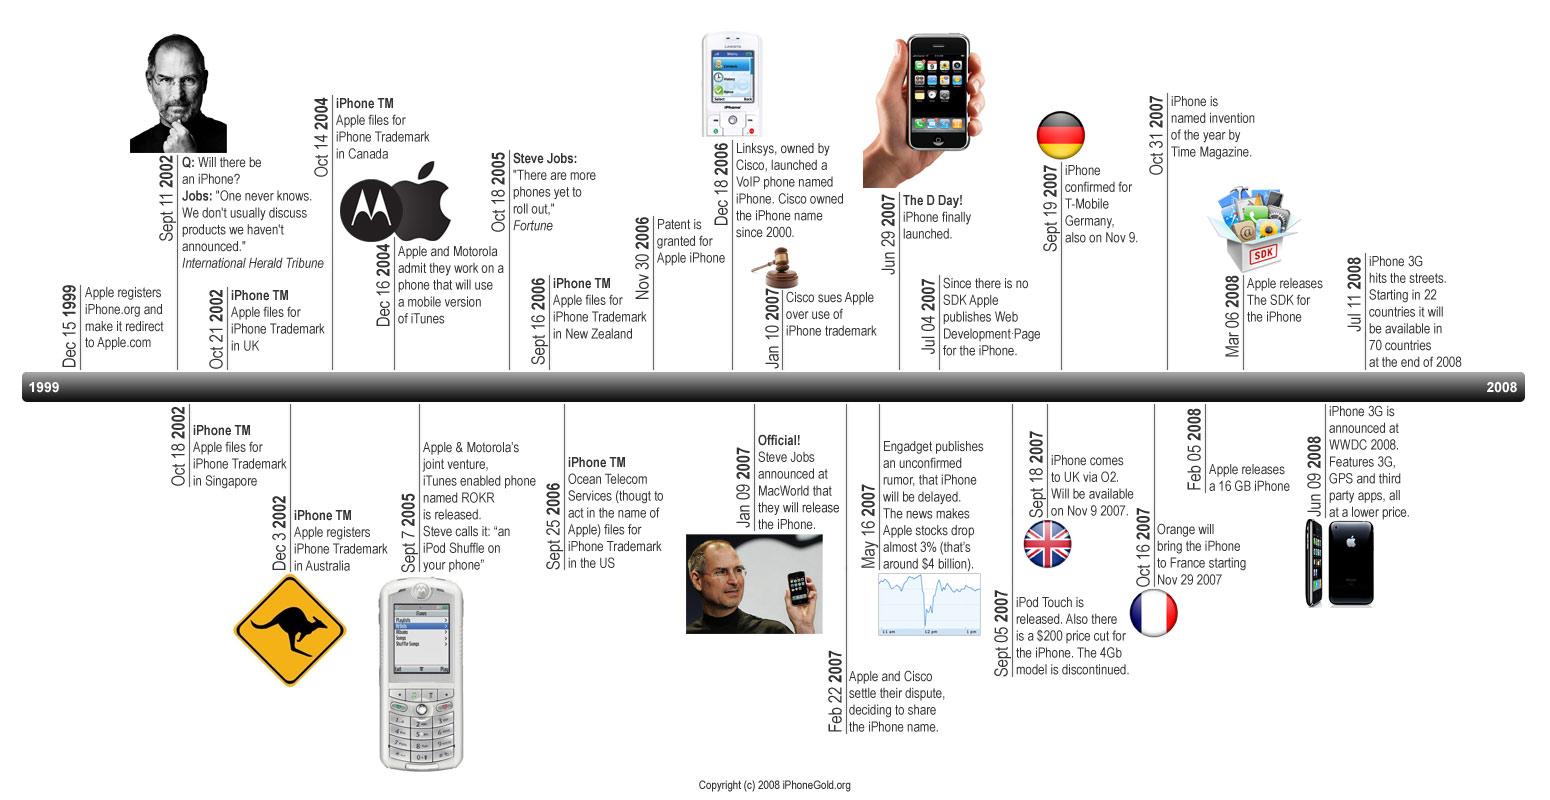 Eugene Shteyn's Blog: iPhone vs Android